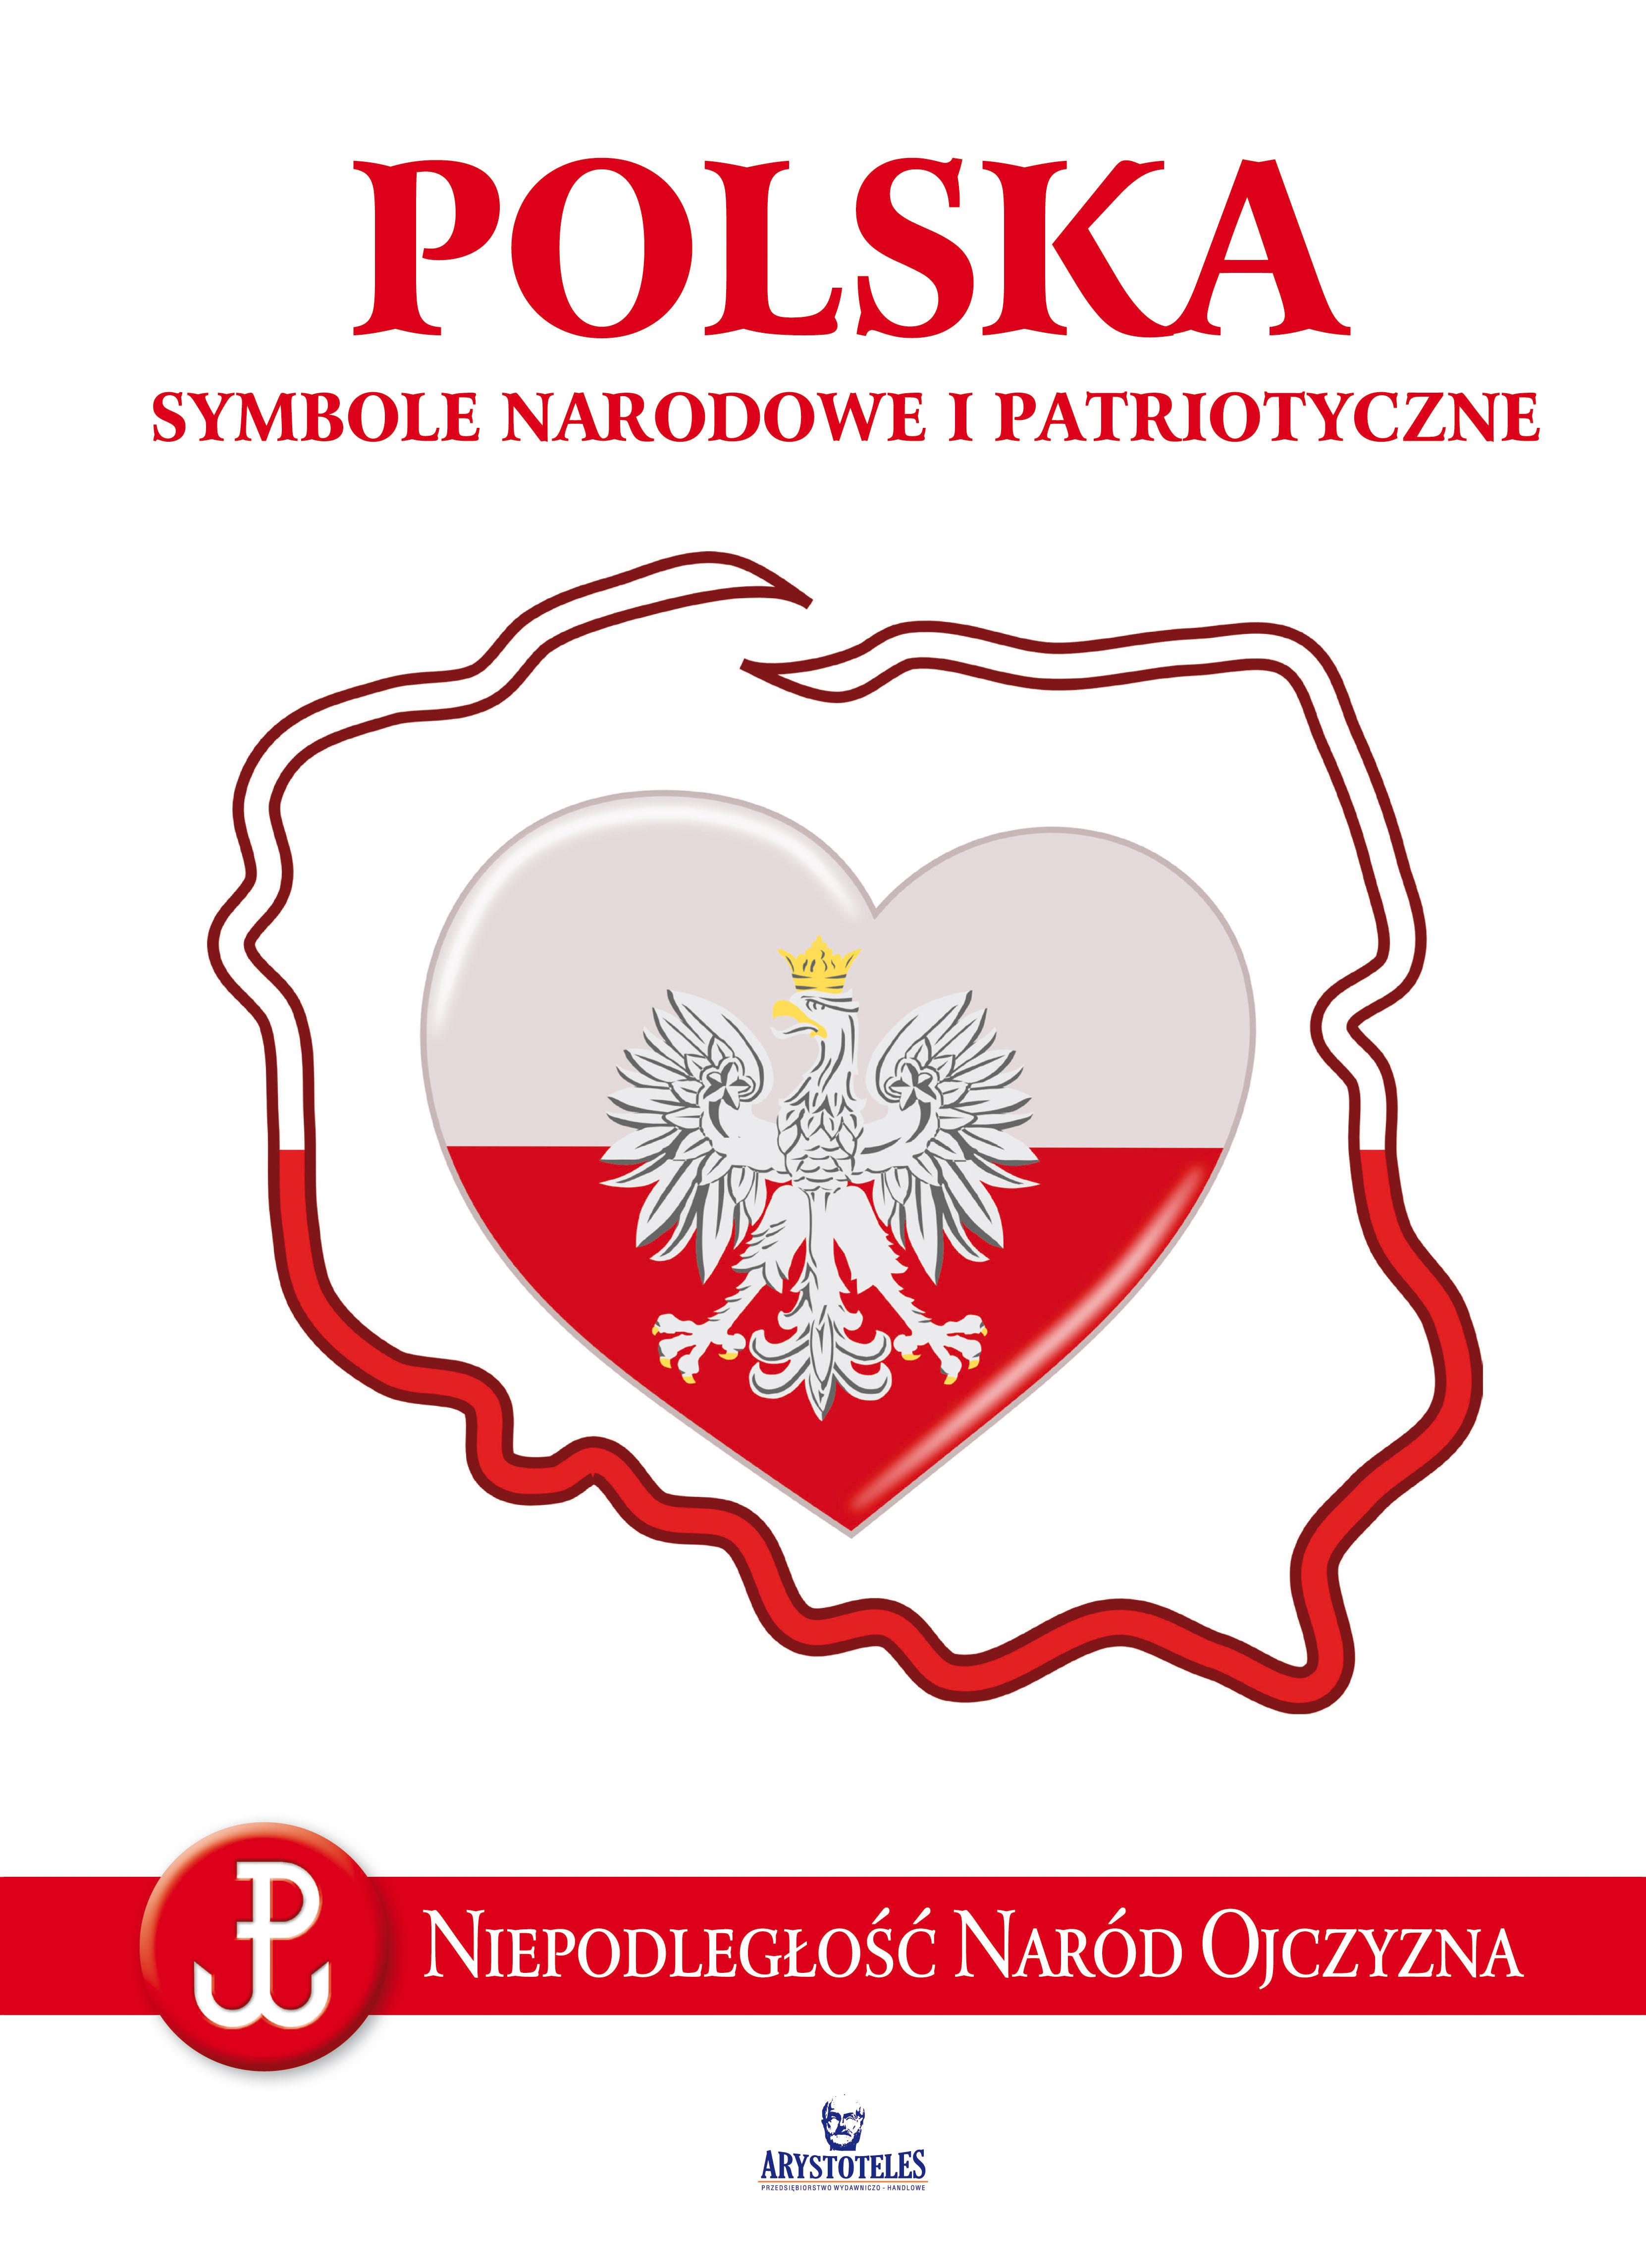 Polska Symbole Narodowe I Patriotyczne Wydawnictwo Arystoteles